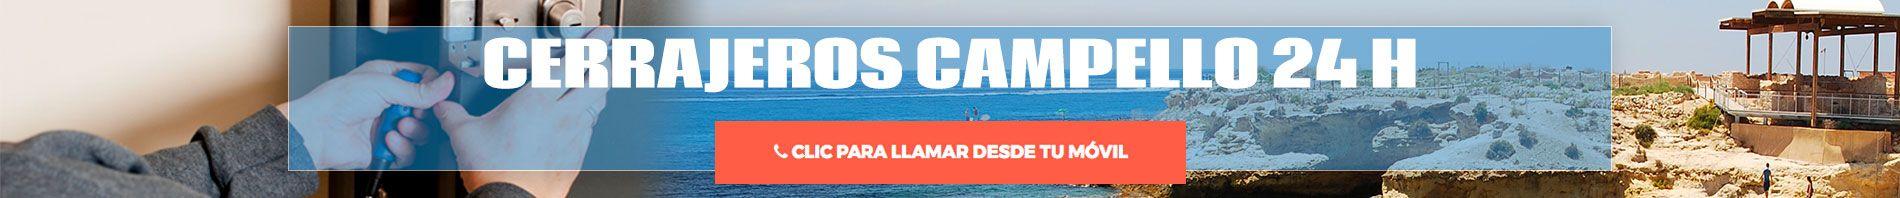 Fotografia Cerrajeros El Campello